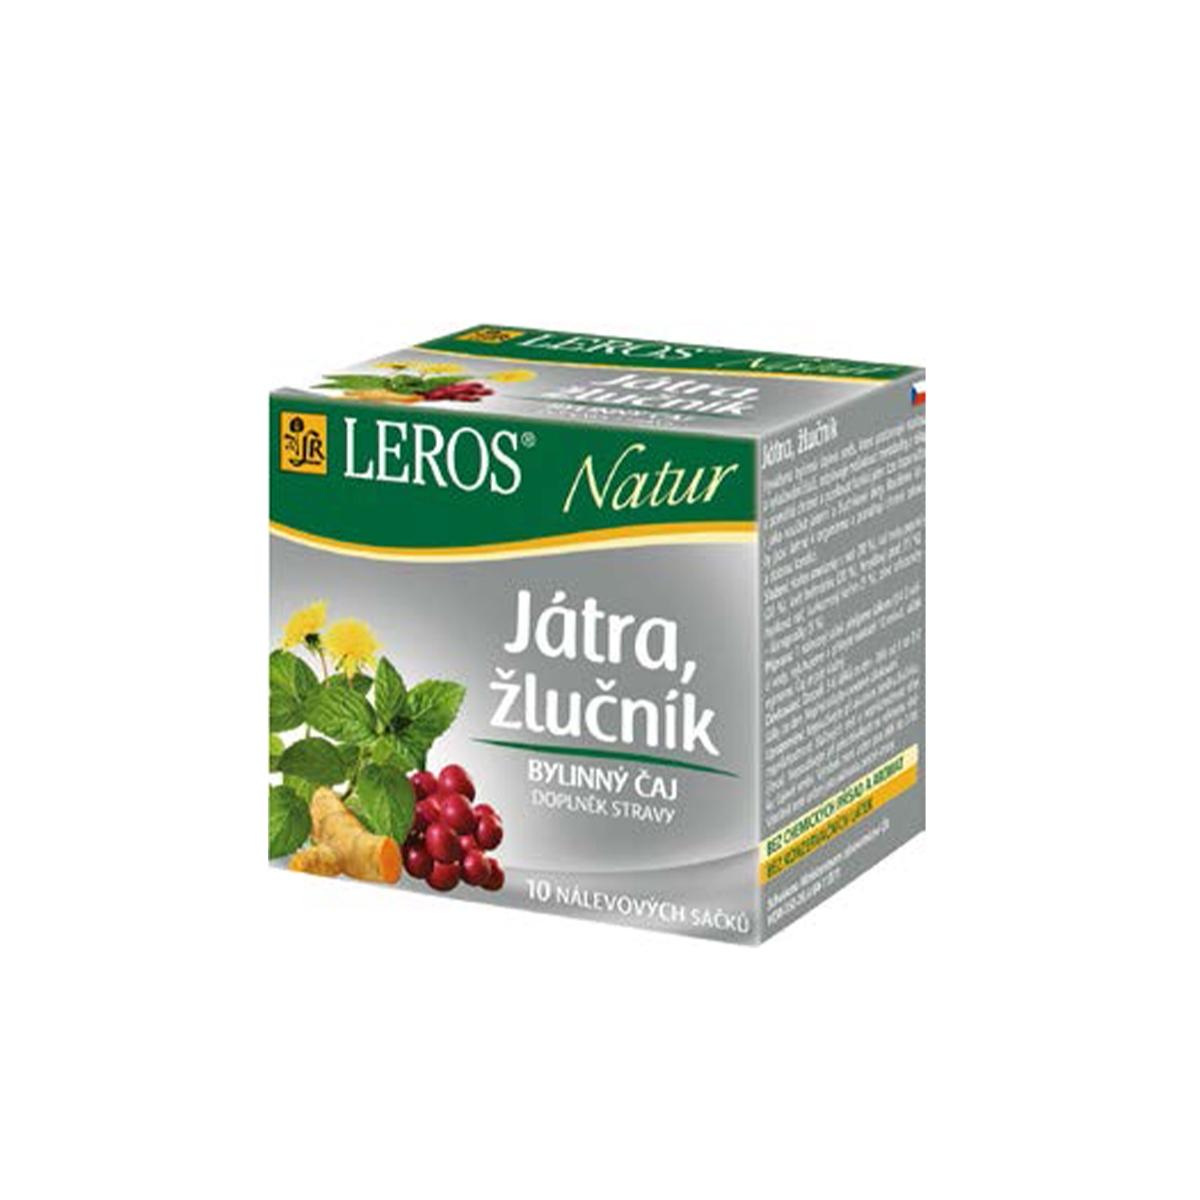 Leros Natur Játra Žlučník 15 g